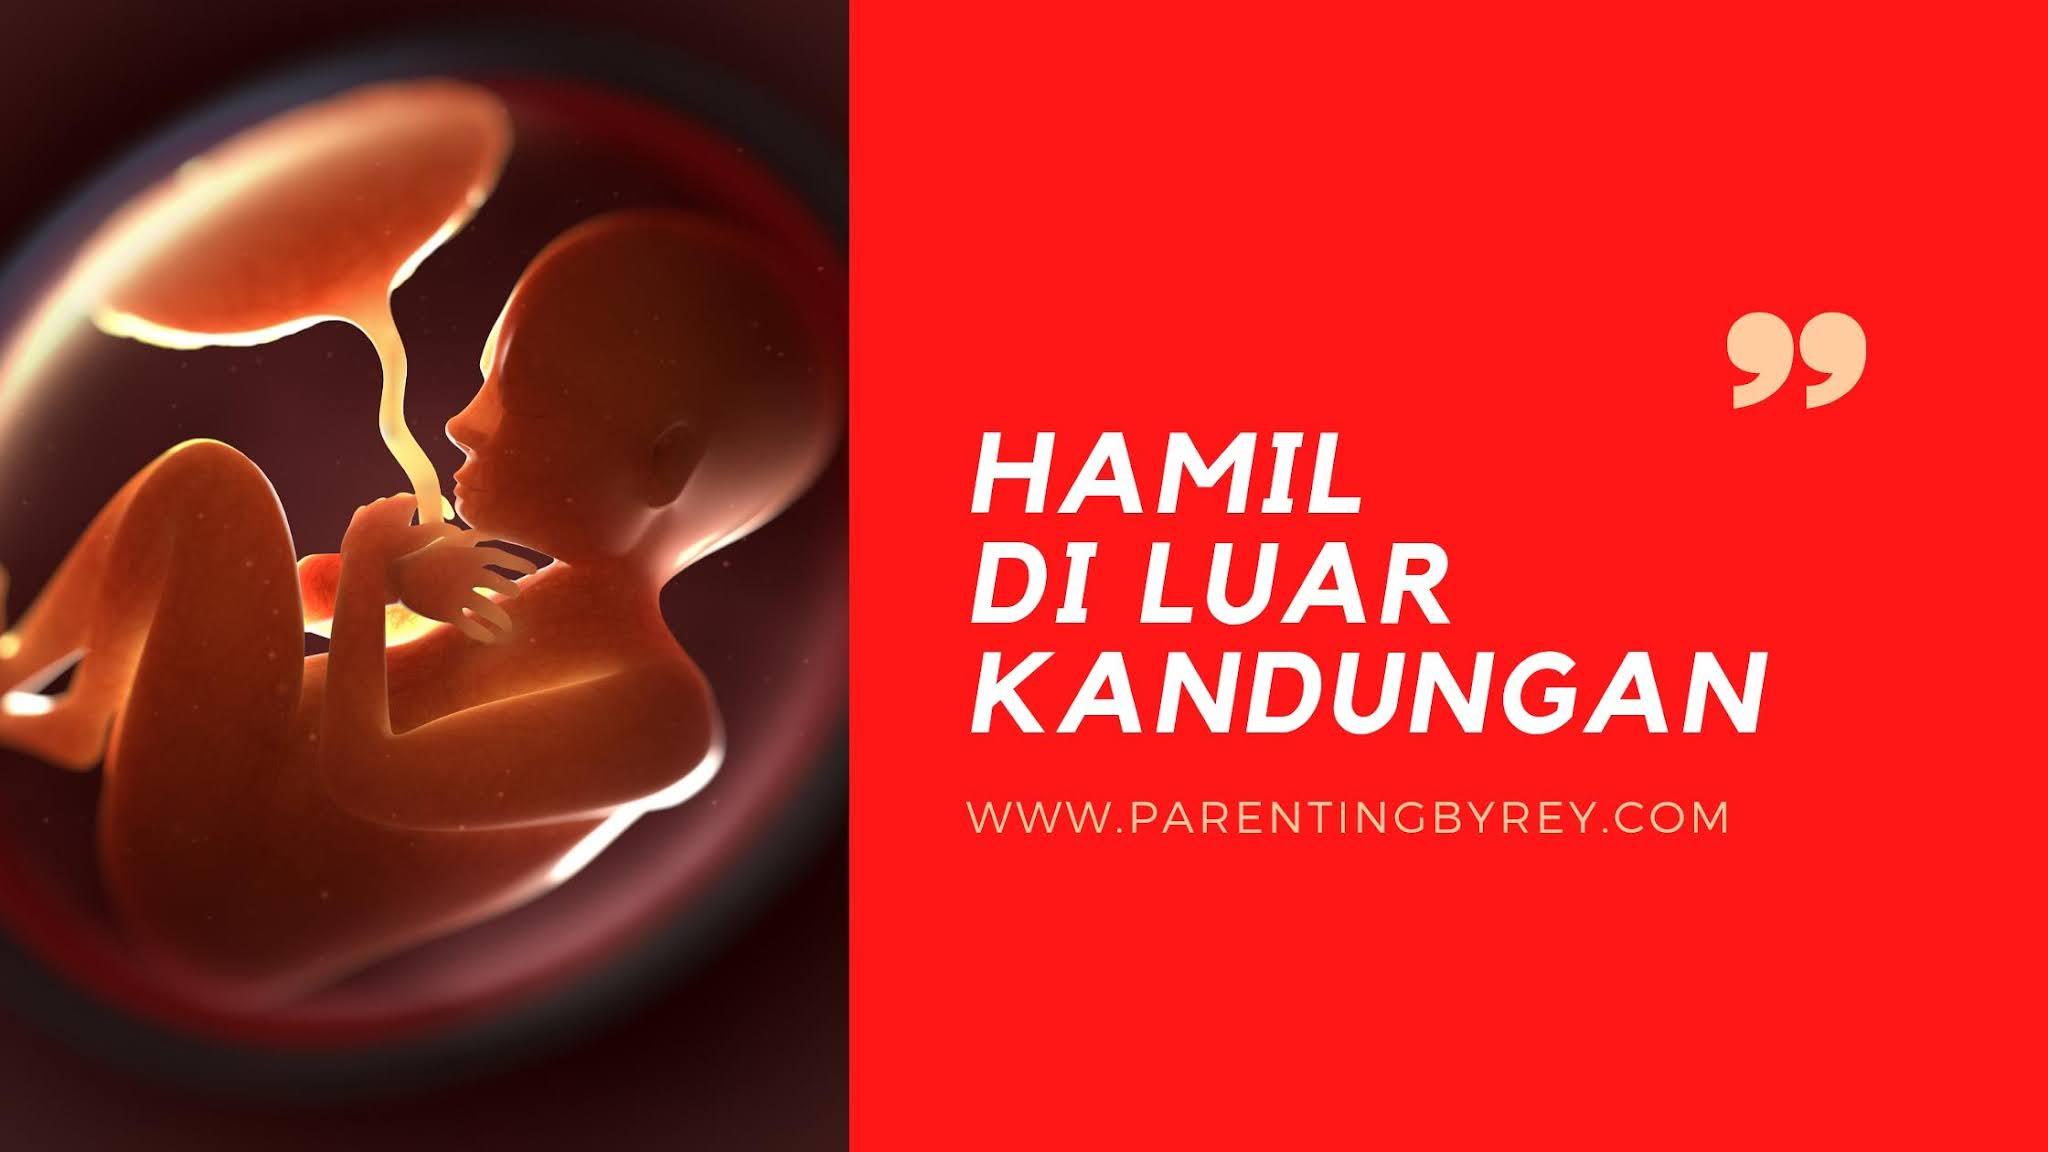 hamil di luar kandungan